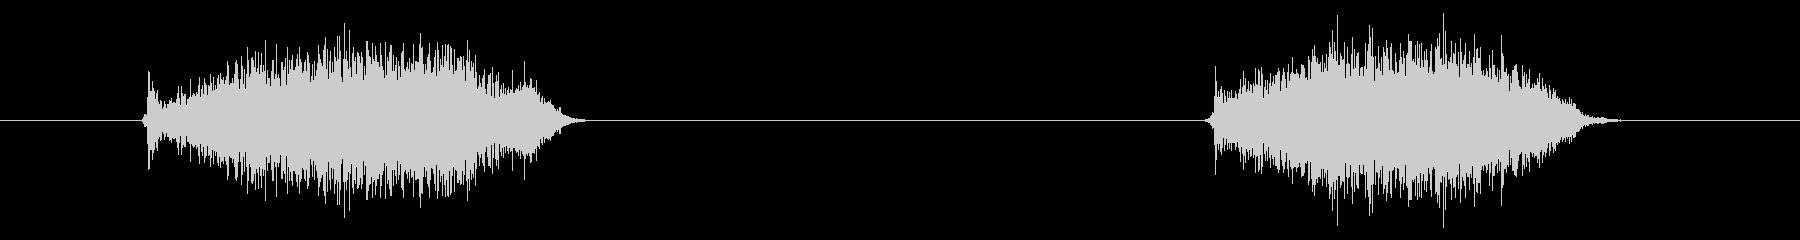 トラックパッド02-7(スワイプ)の未再生の波形